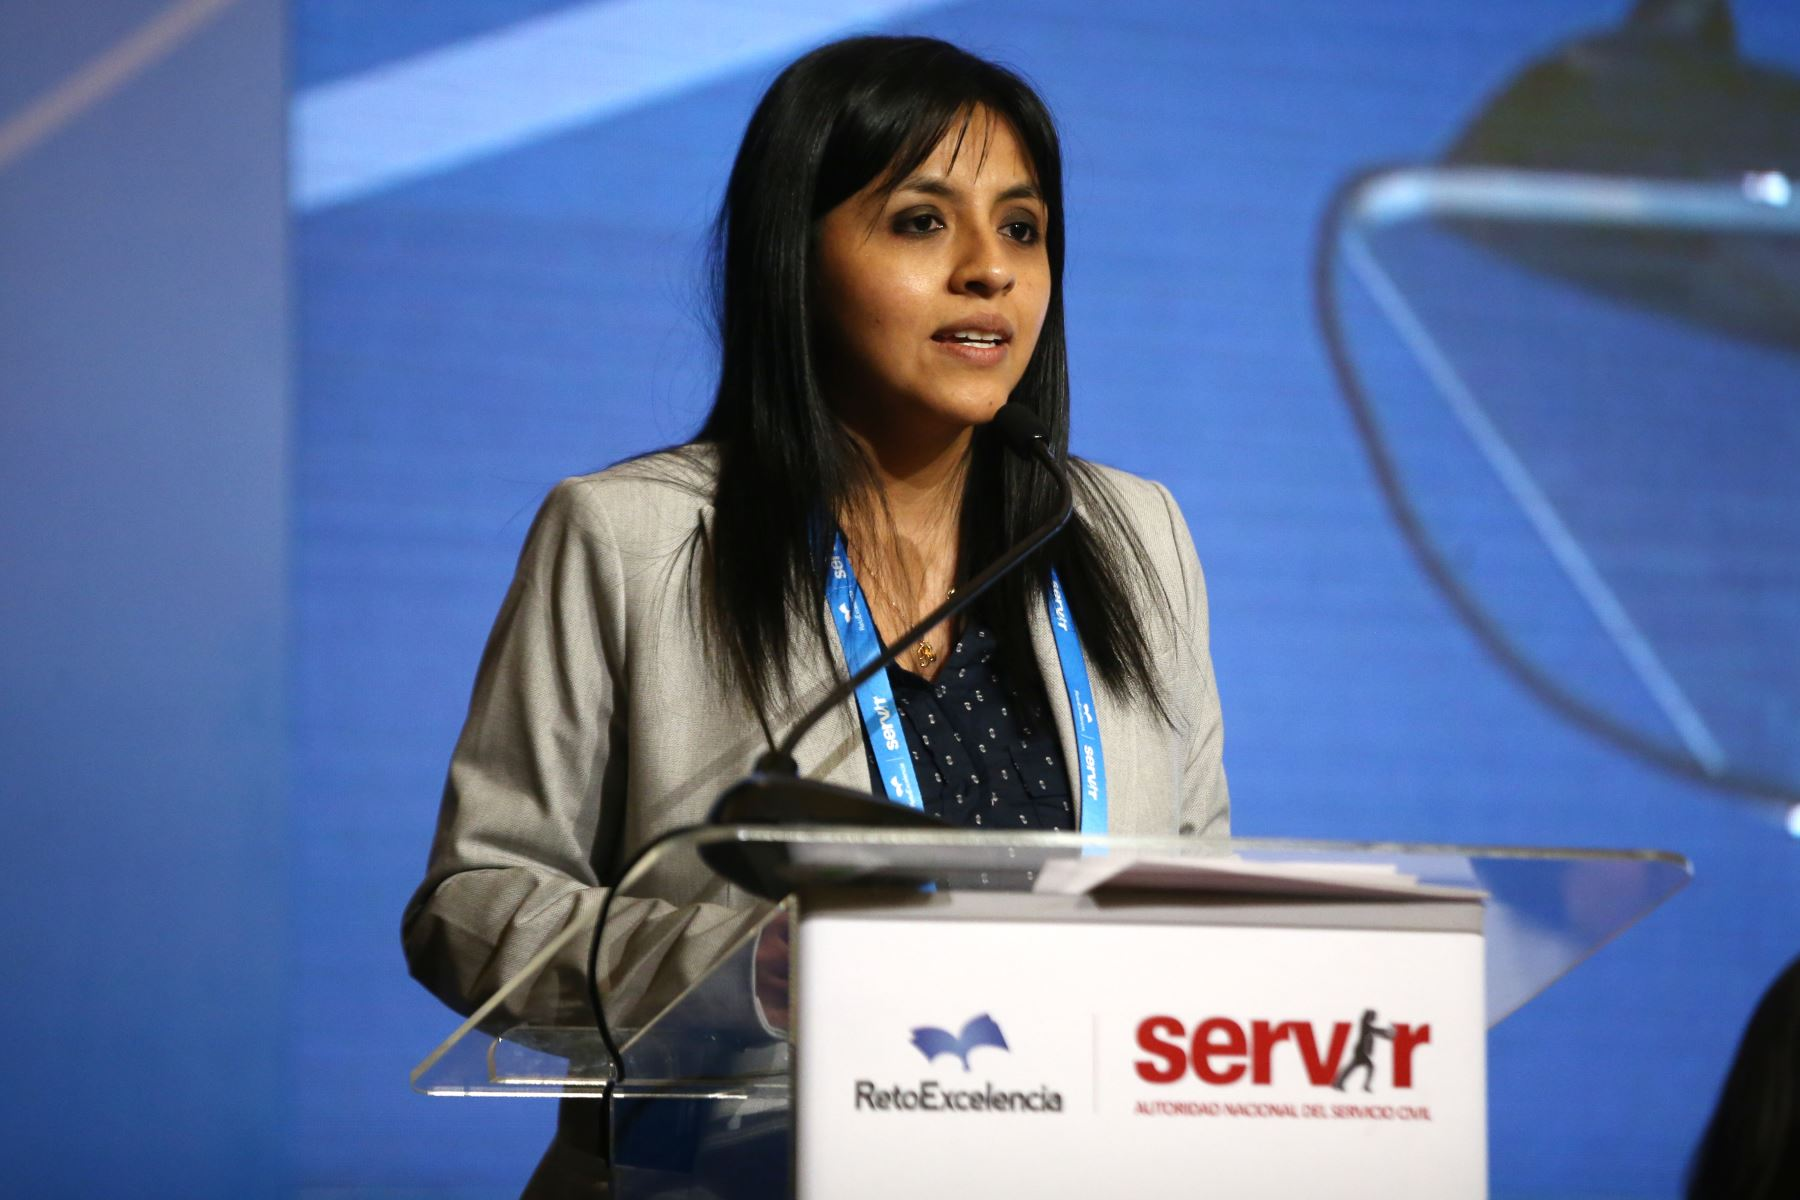 Rubi Rivas, gerente de capacitación y rendimiento -  servir, expone en I inaugura I Encuentro Nacional de Beneficiarios del programa Reto excelencia.  Foto: ANDINA/Vidal Tarqui